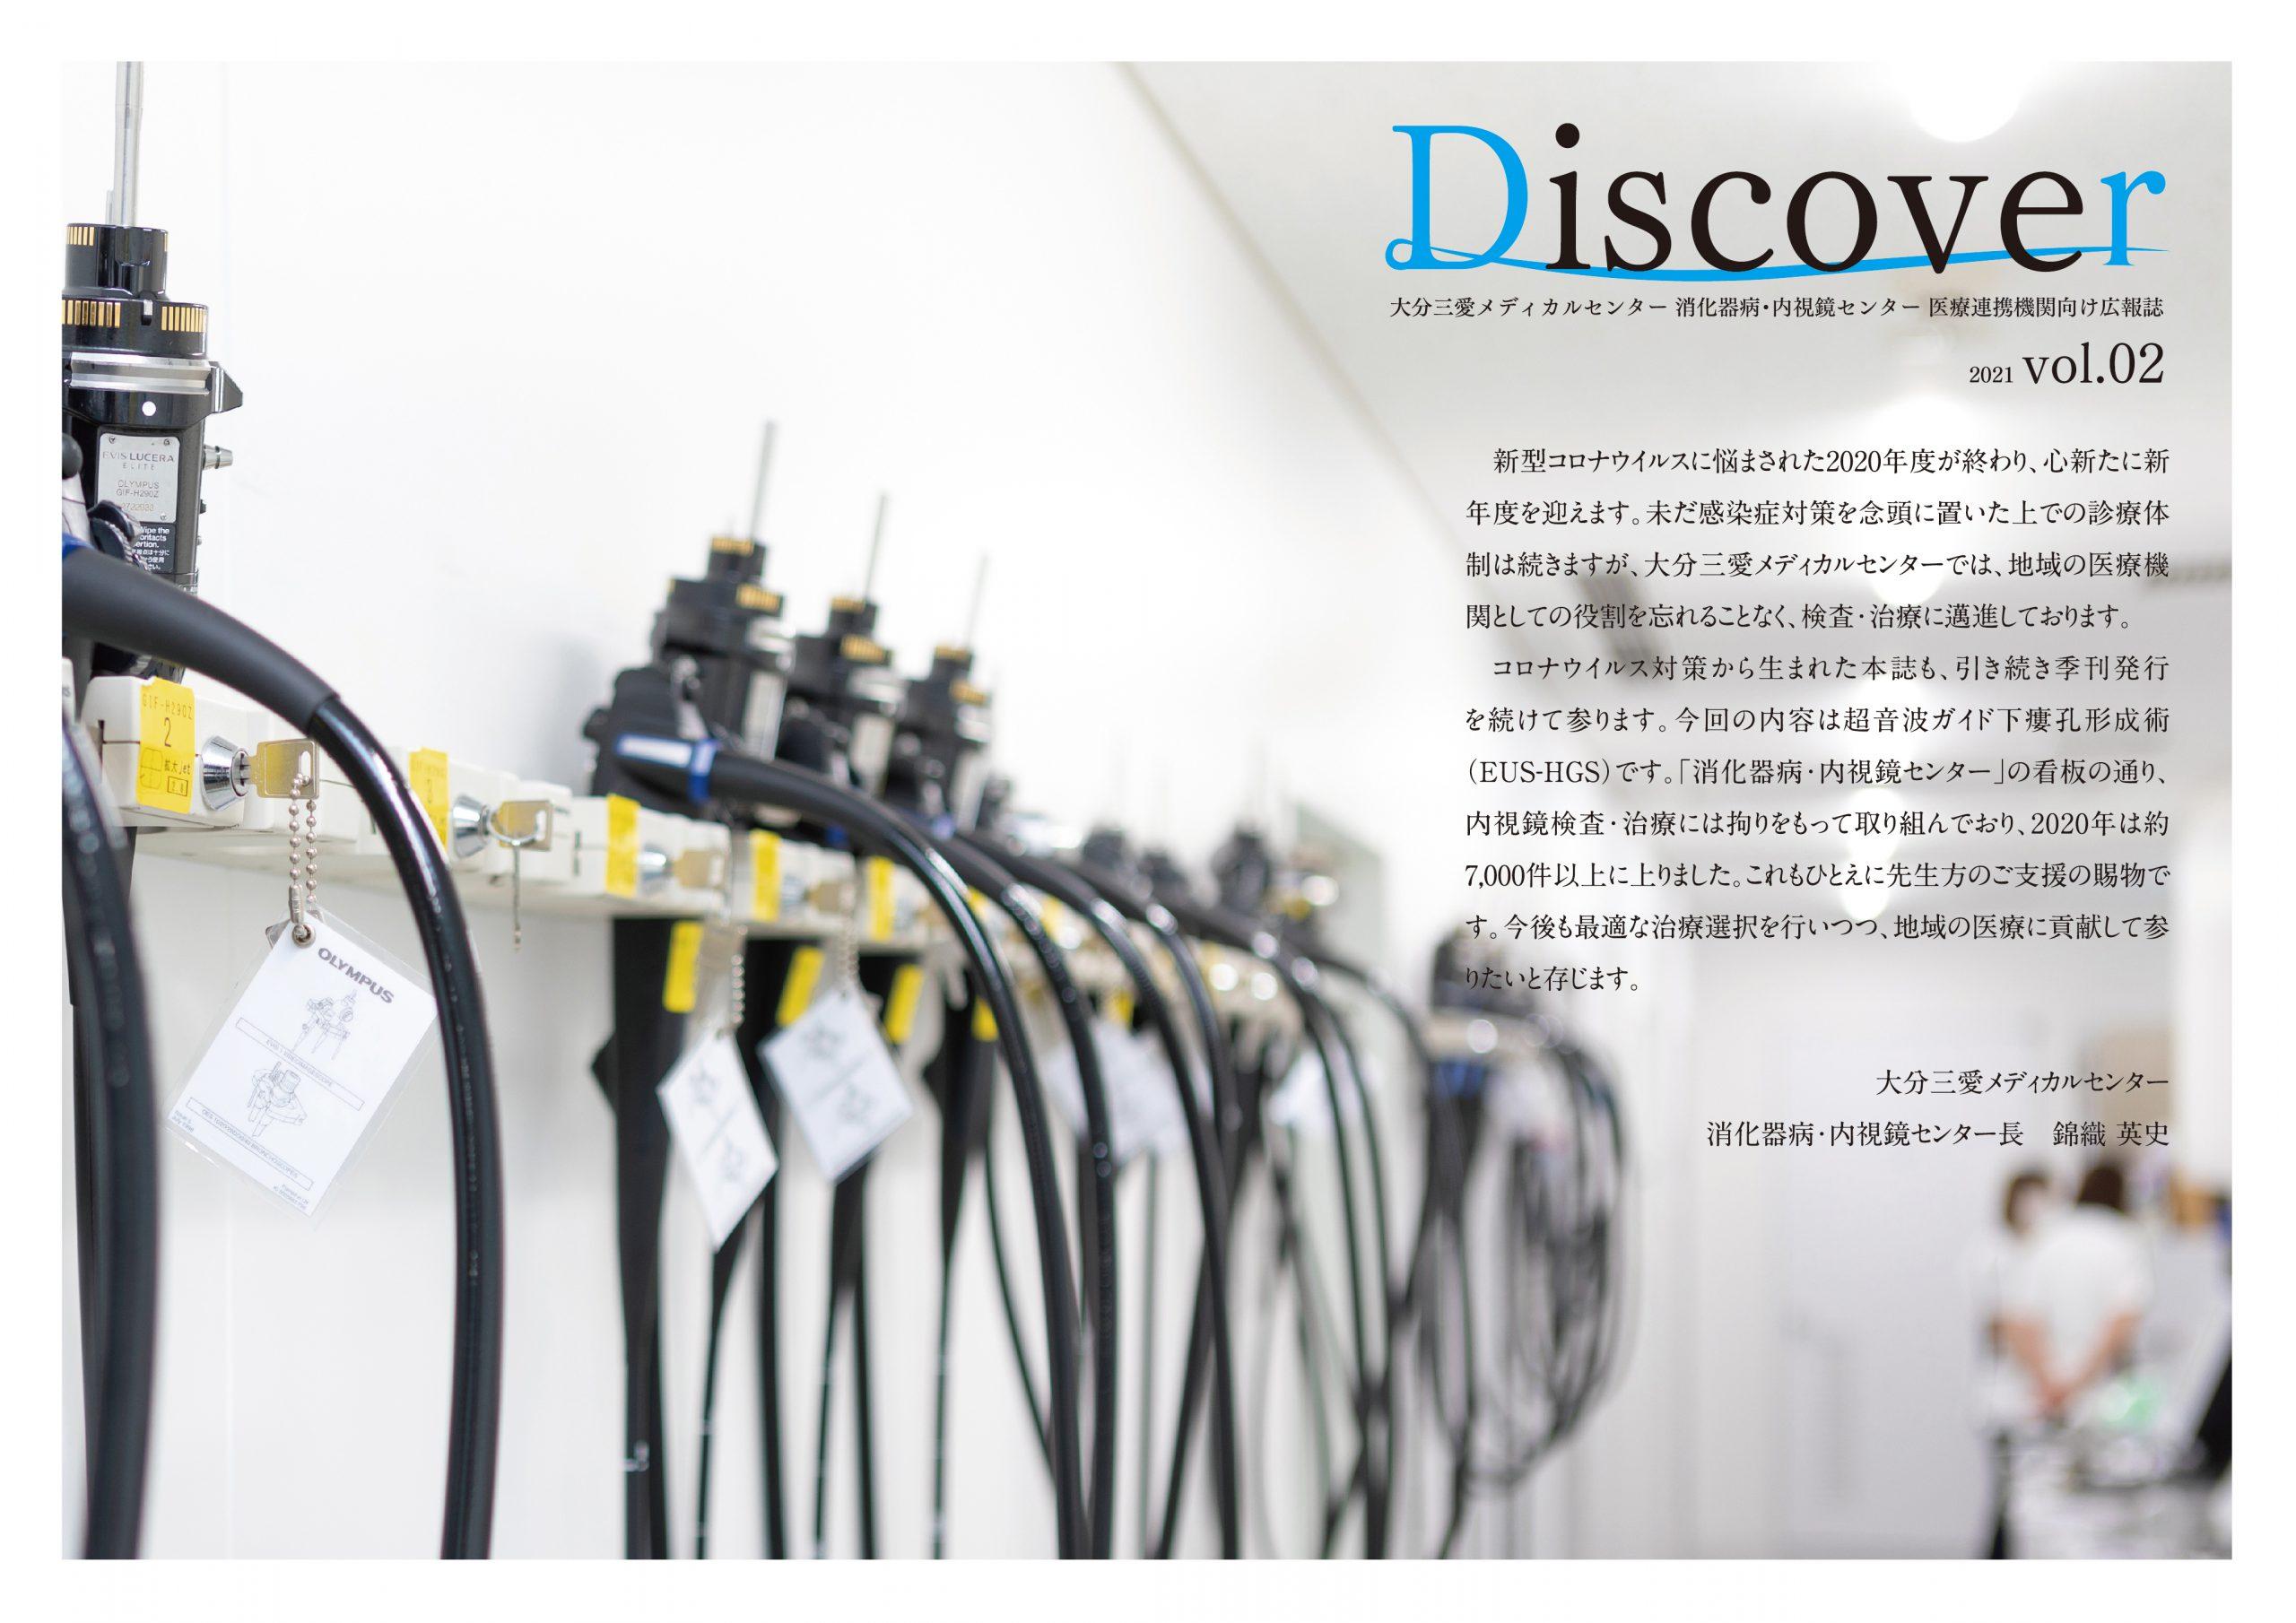 三愛会 Discover 2021 vol.02